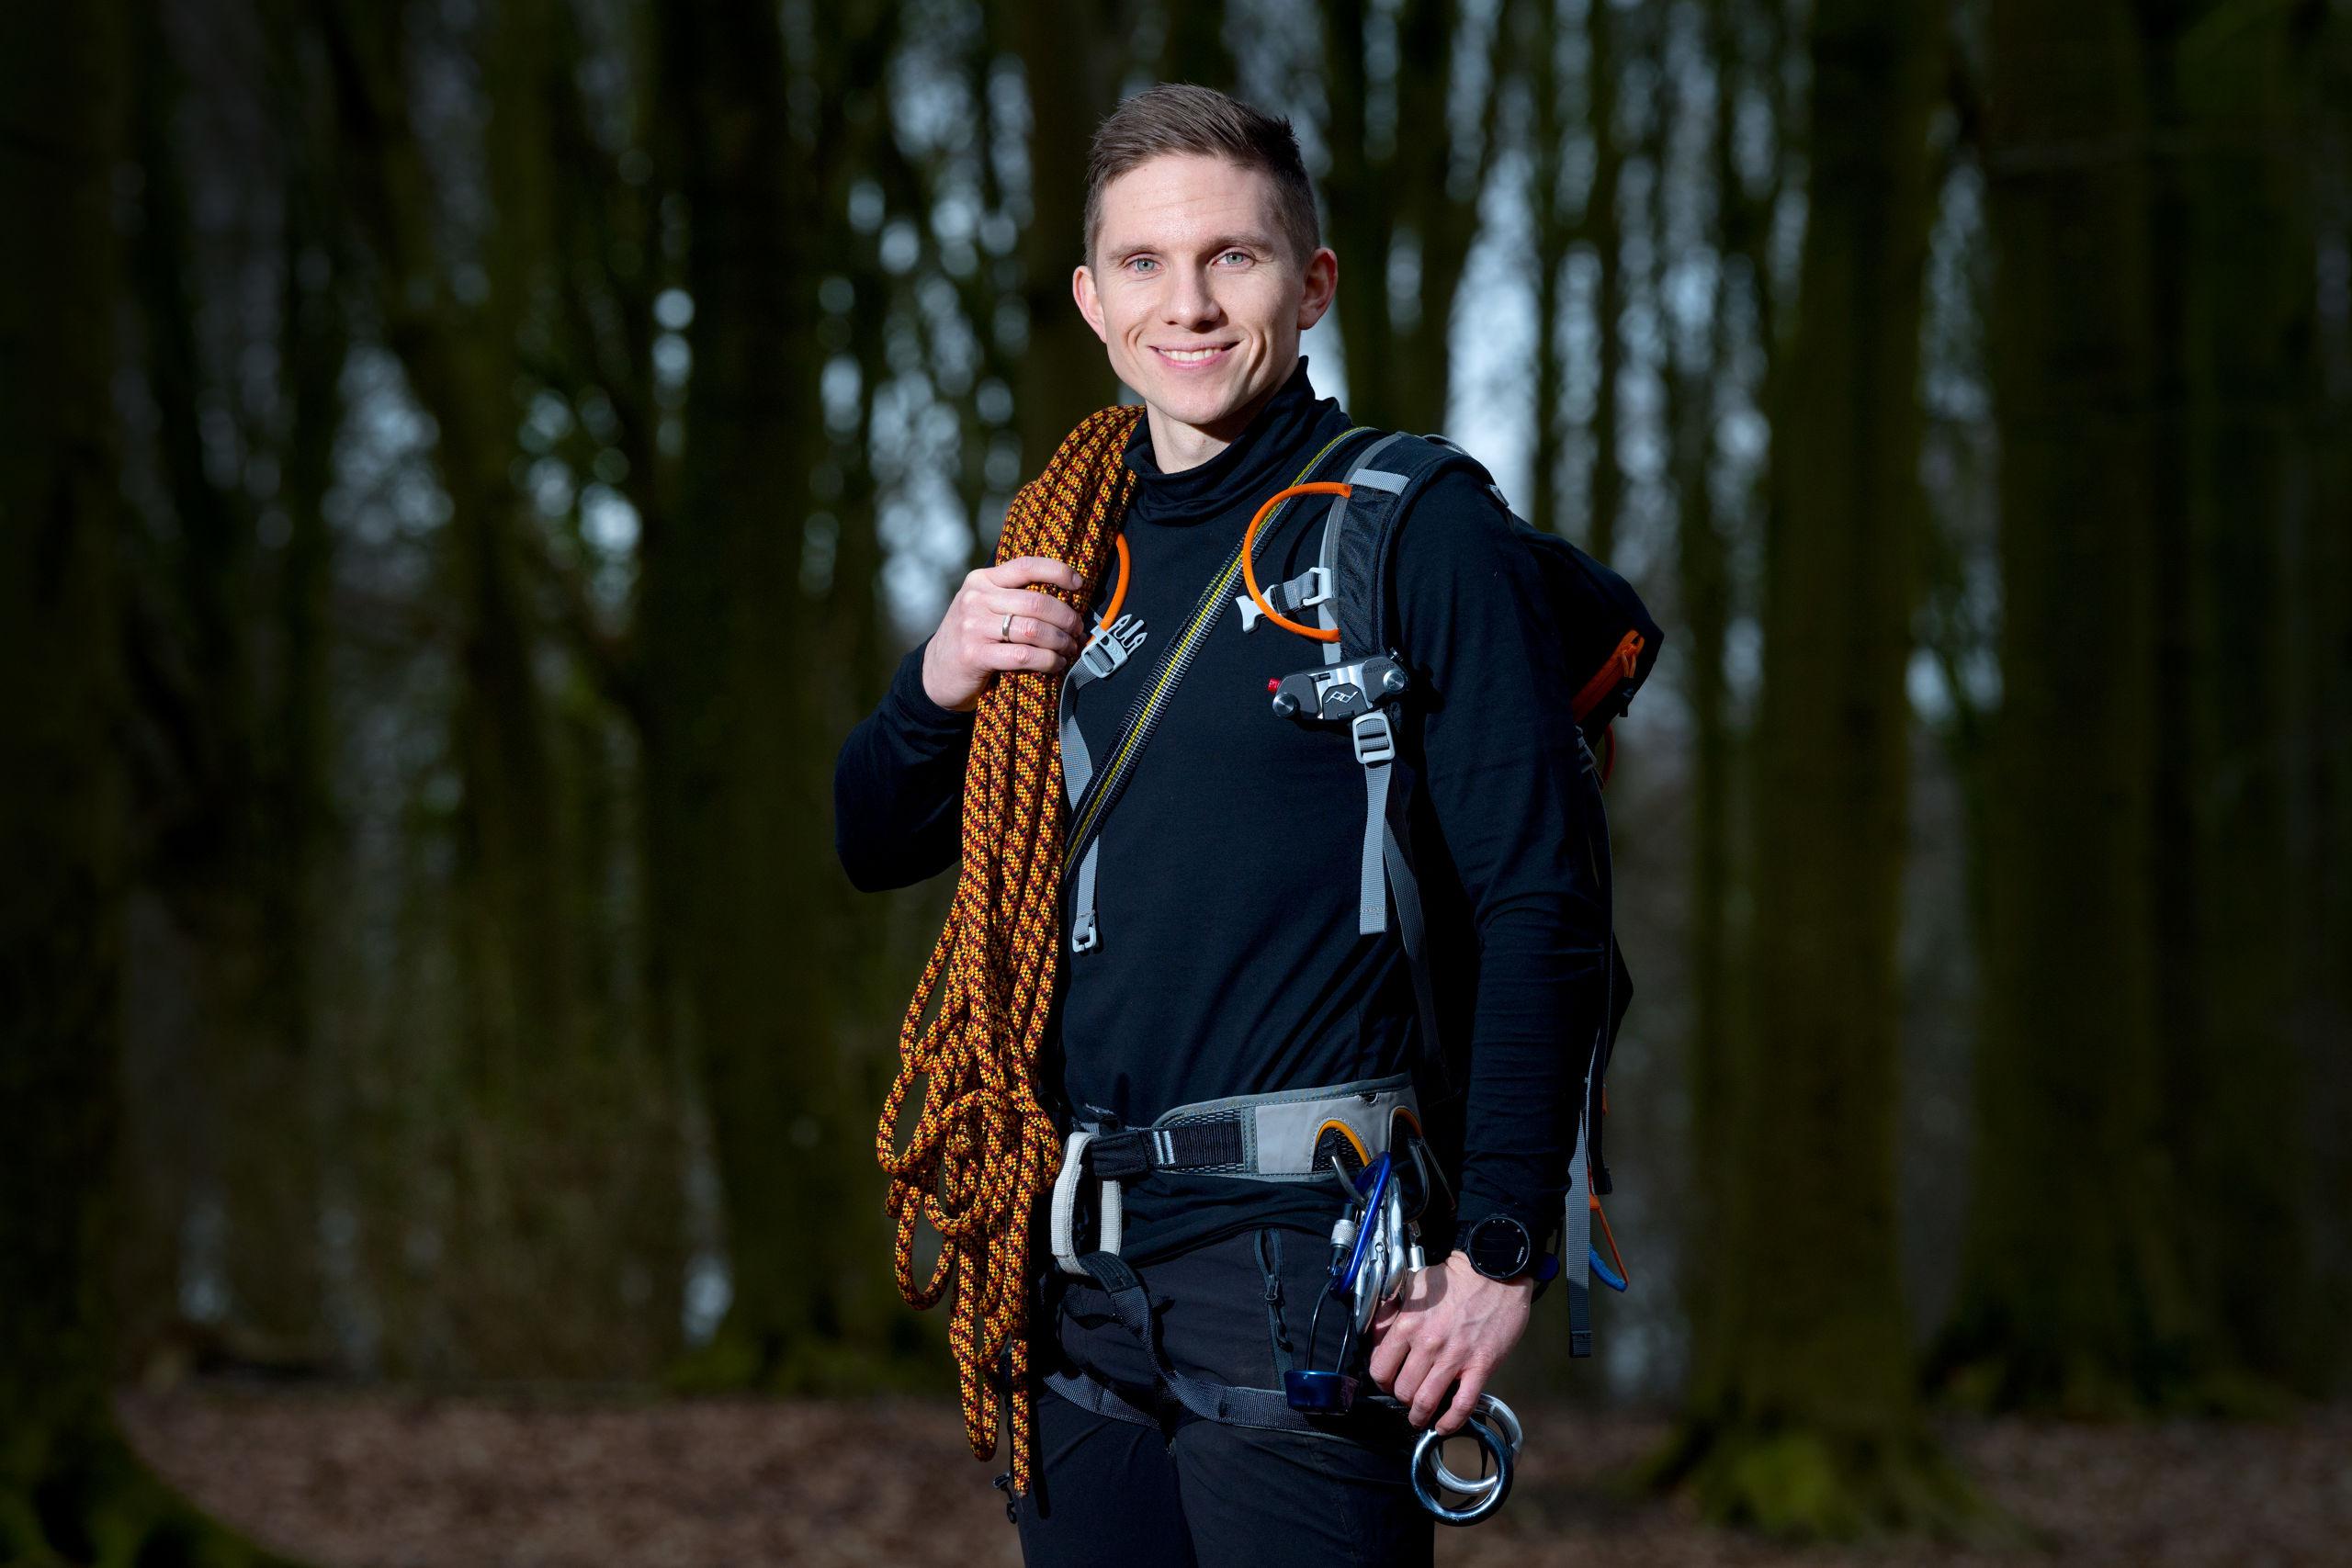 Mark Holler står bag Adventureugen,dk sammen med Thomas G. Hartvigsen. Foto: Torben Hansen